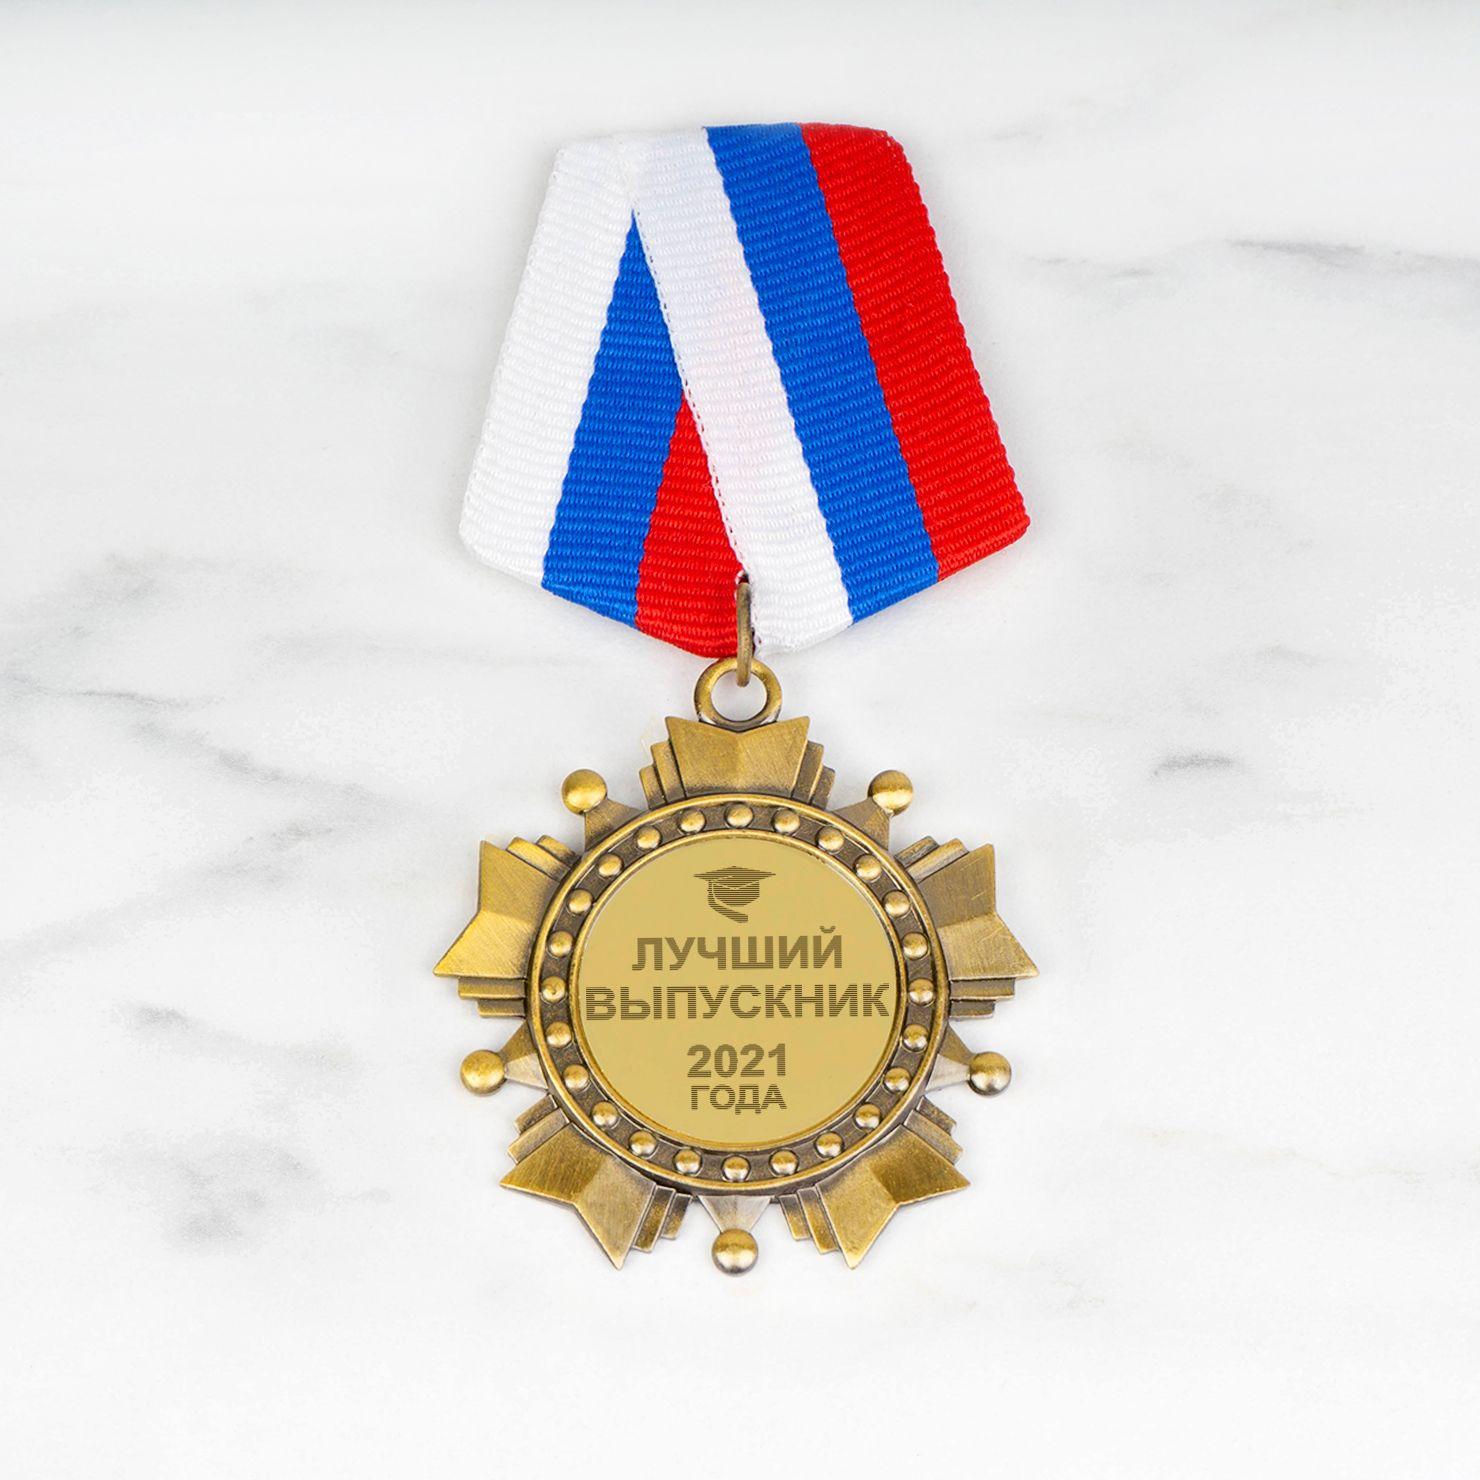 Орден *Лучший выпускник 2021 года*